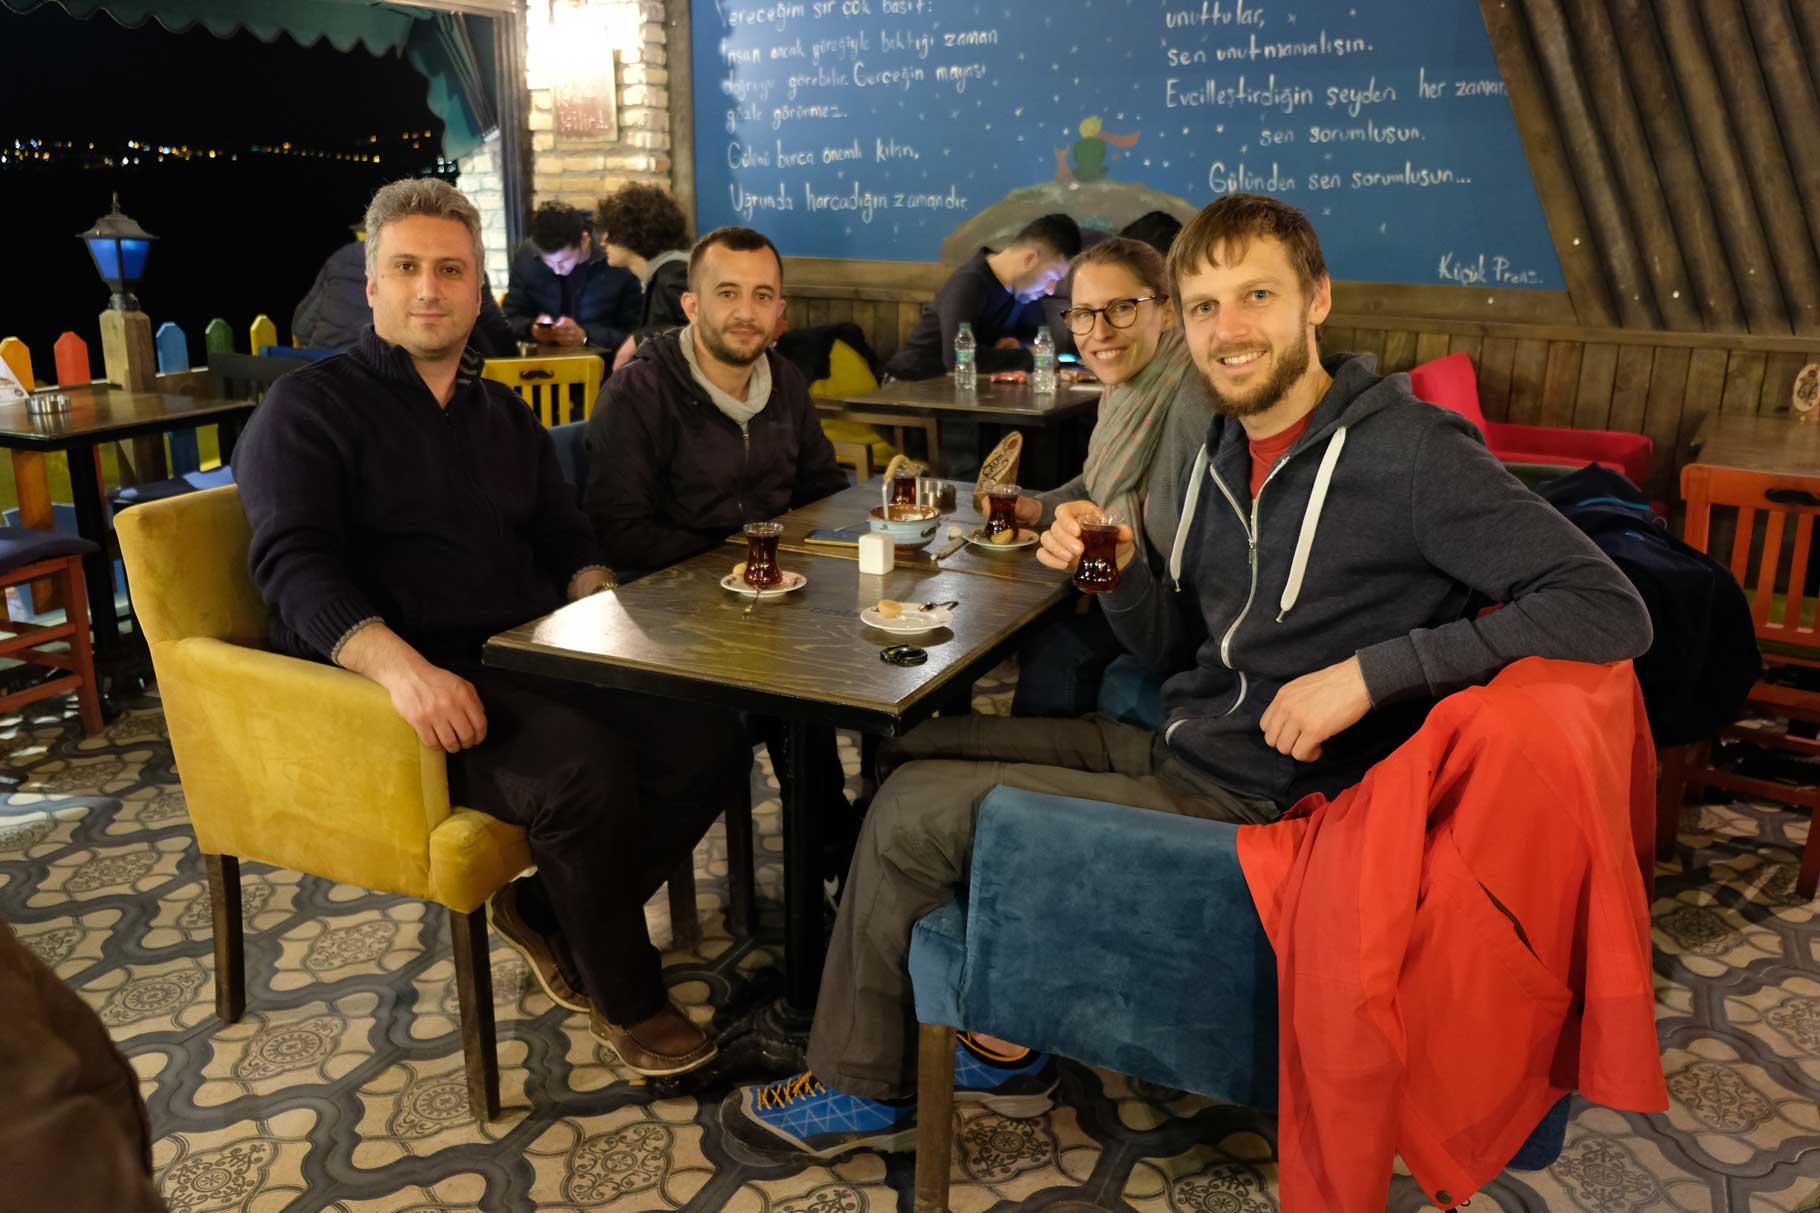 Çan, Fatih, Leo und Sebastian sitzen an einem Tisch und trinken türkischen Tee